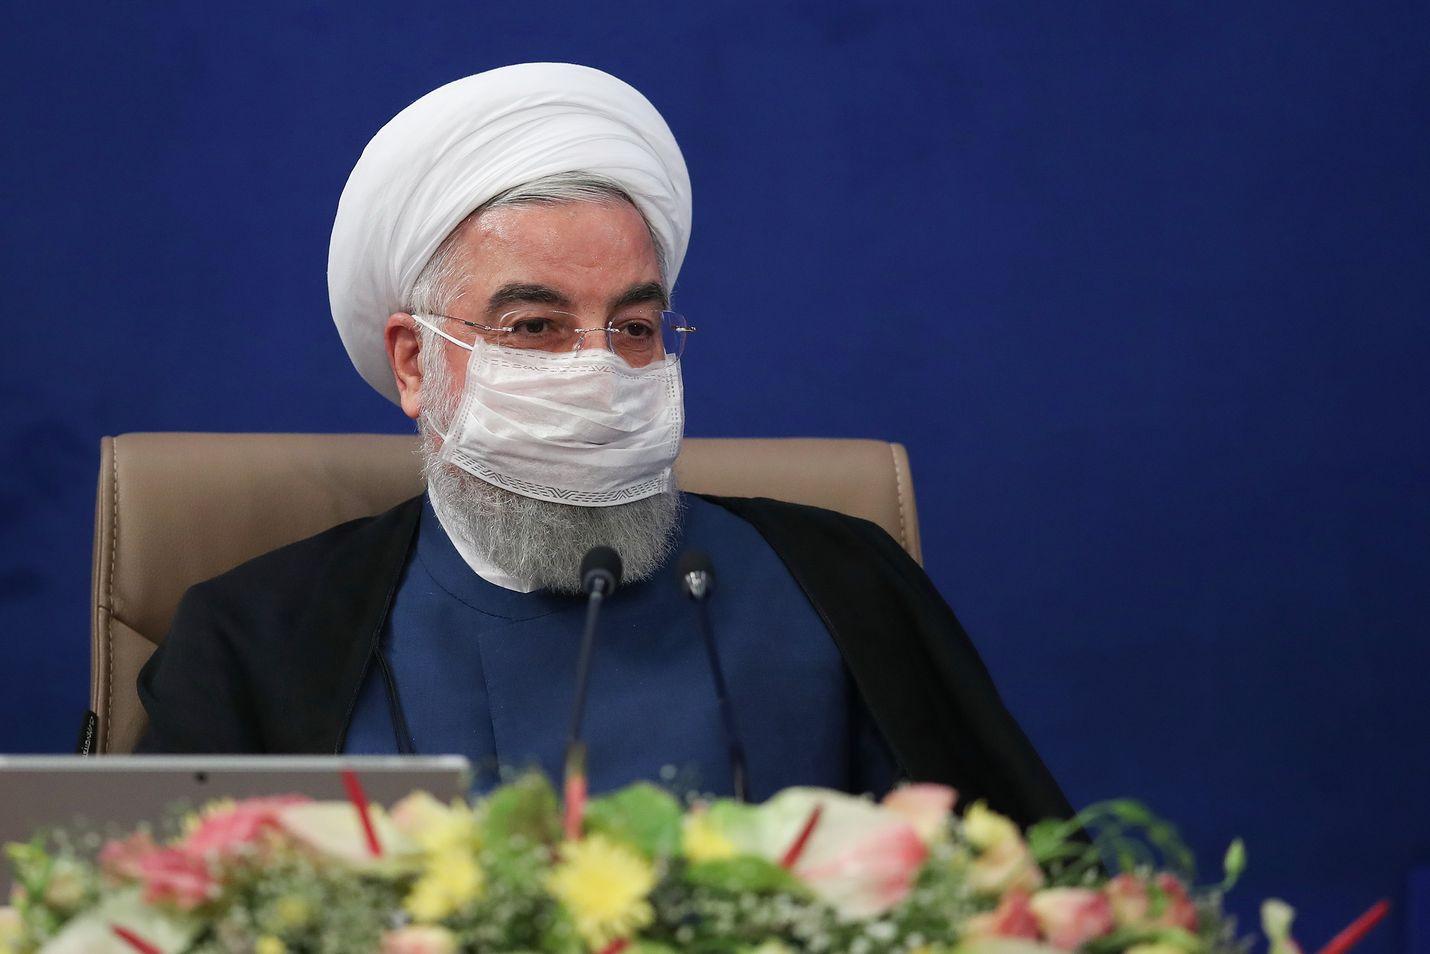 Iranin presidentti Hassan Ruhani vaatii väliaikaista kieltoa häille ja muille isoille juhlille.